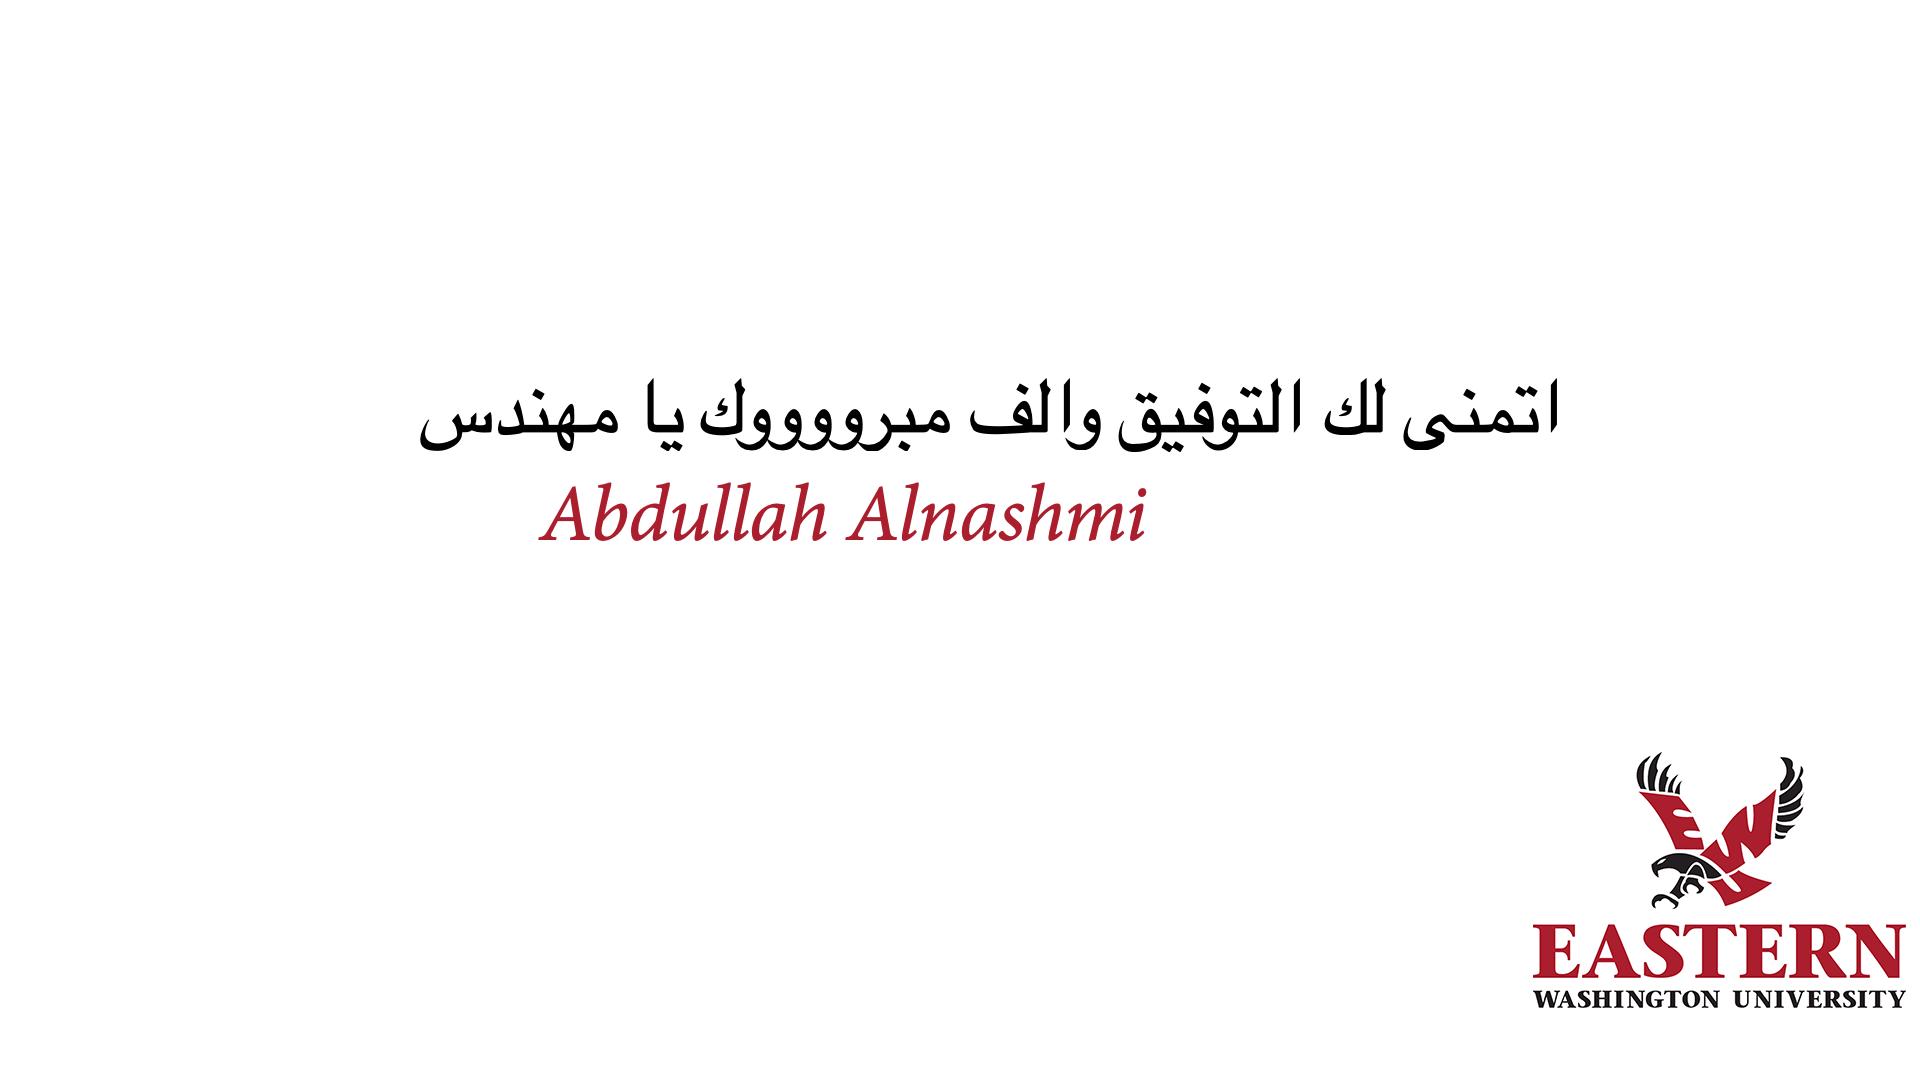 tbi_abdulraouf-abdullah-h-alnashmi_7053.png